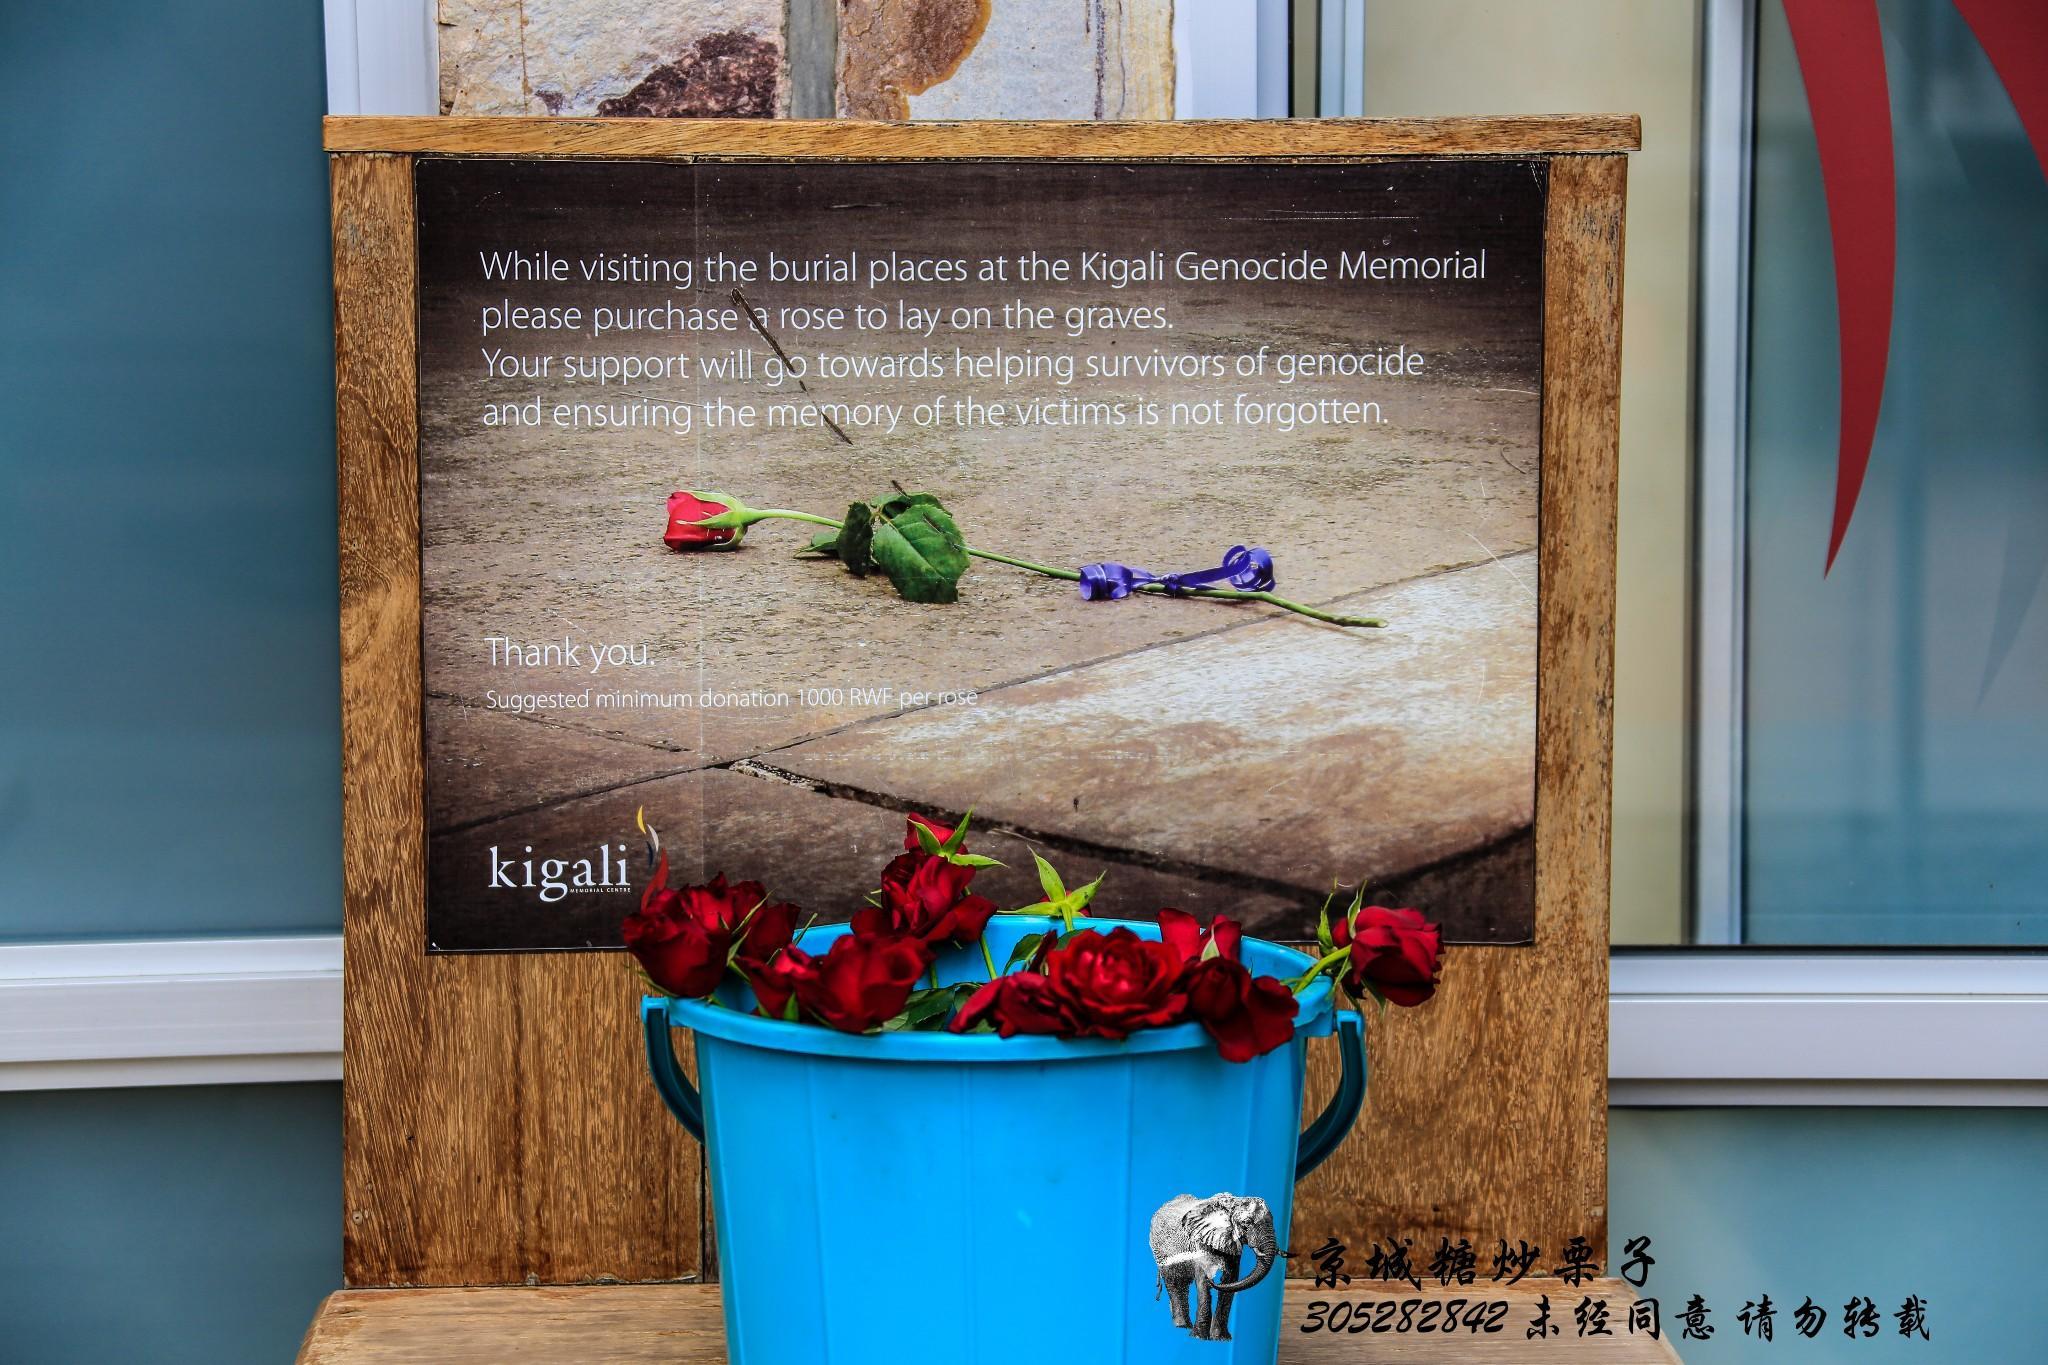 惨绝人寰的记忆,卢旺达